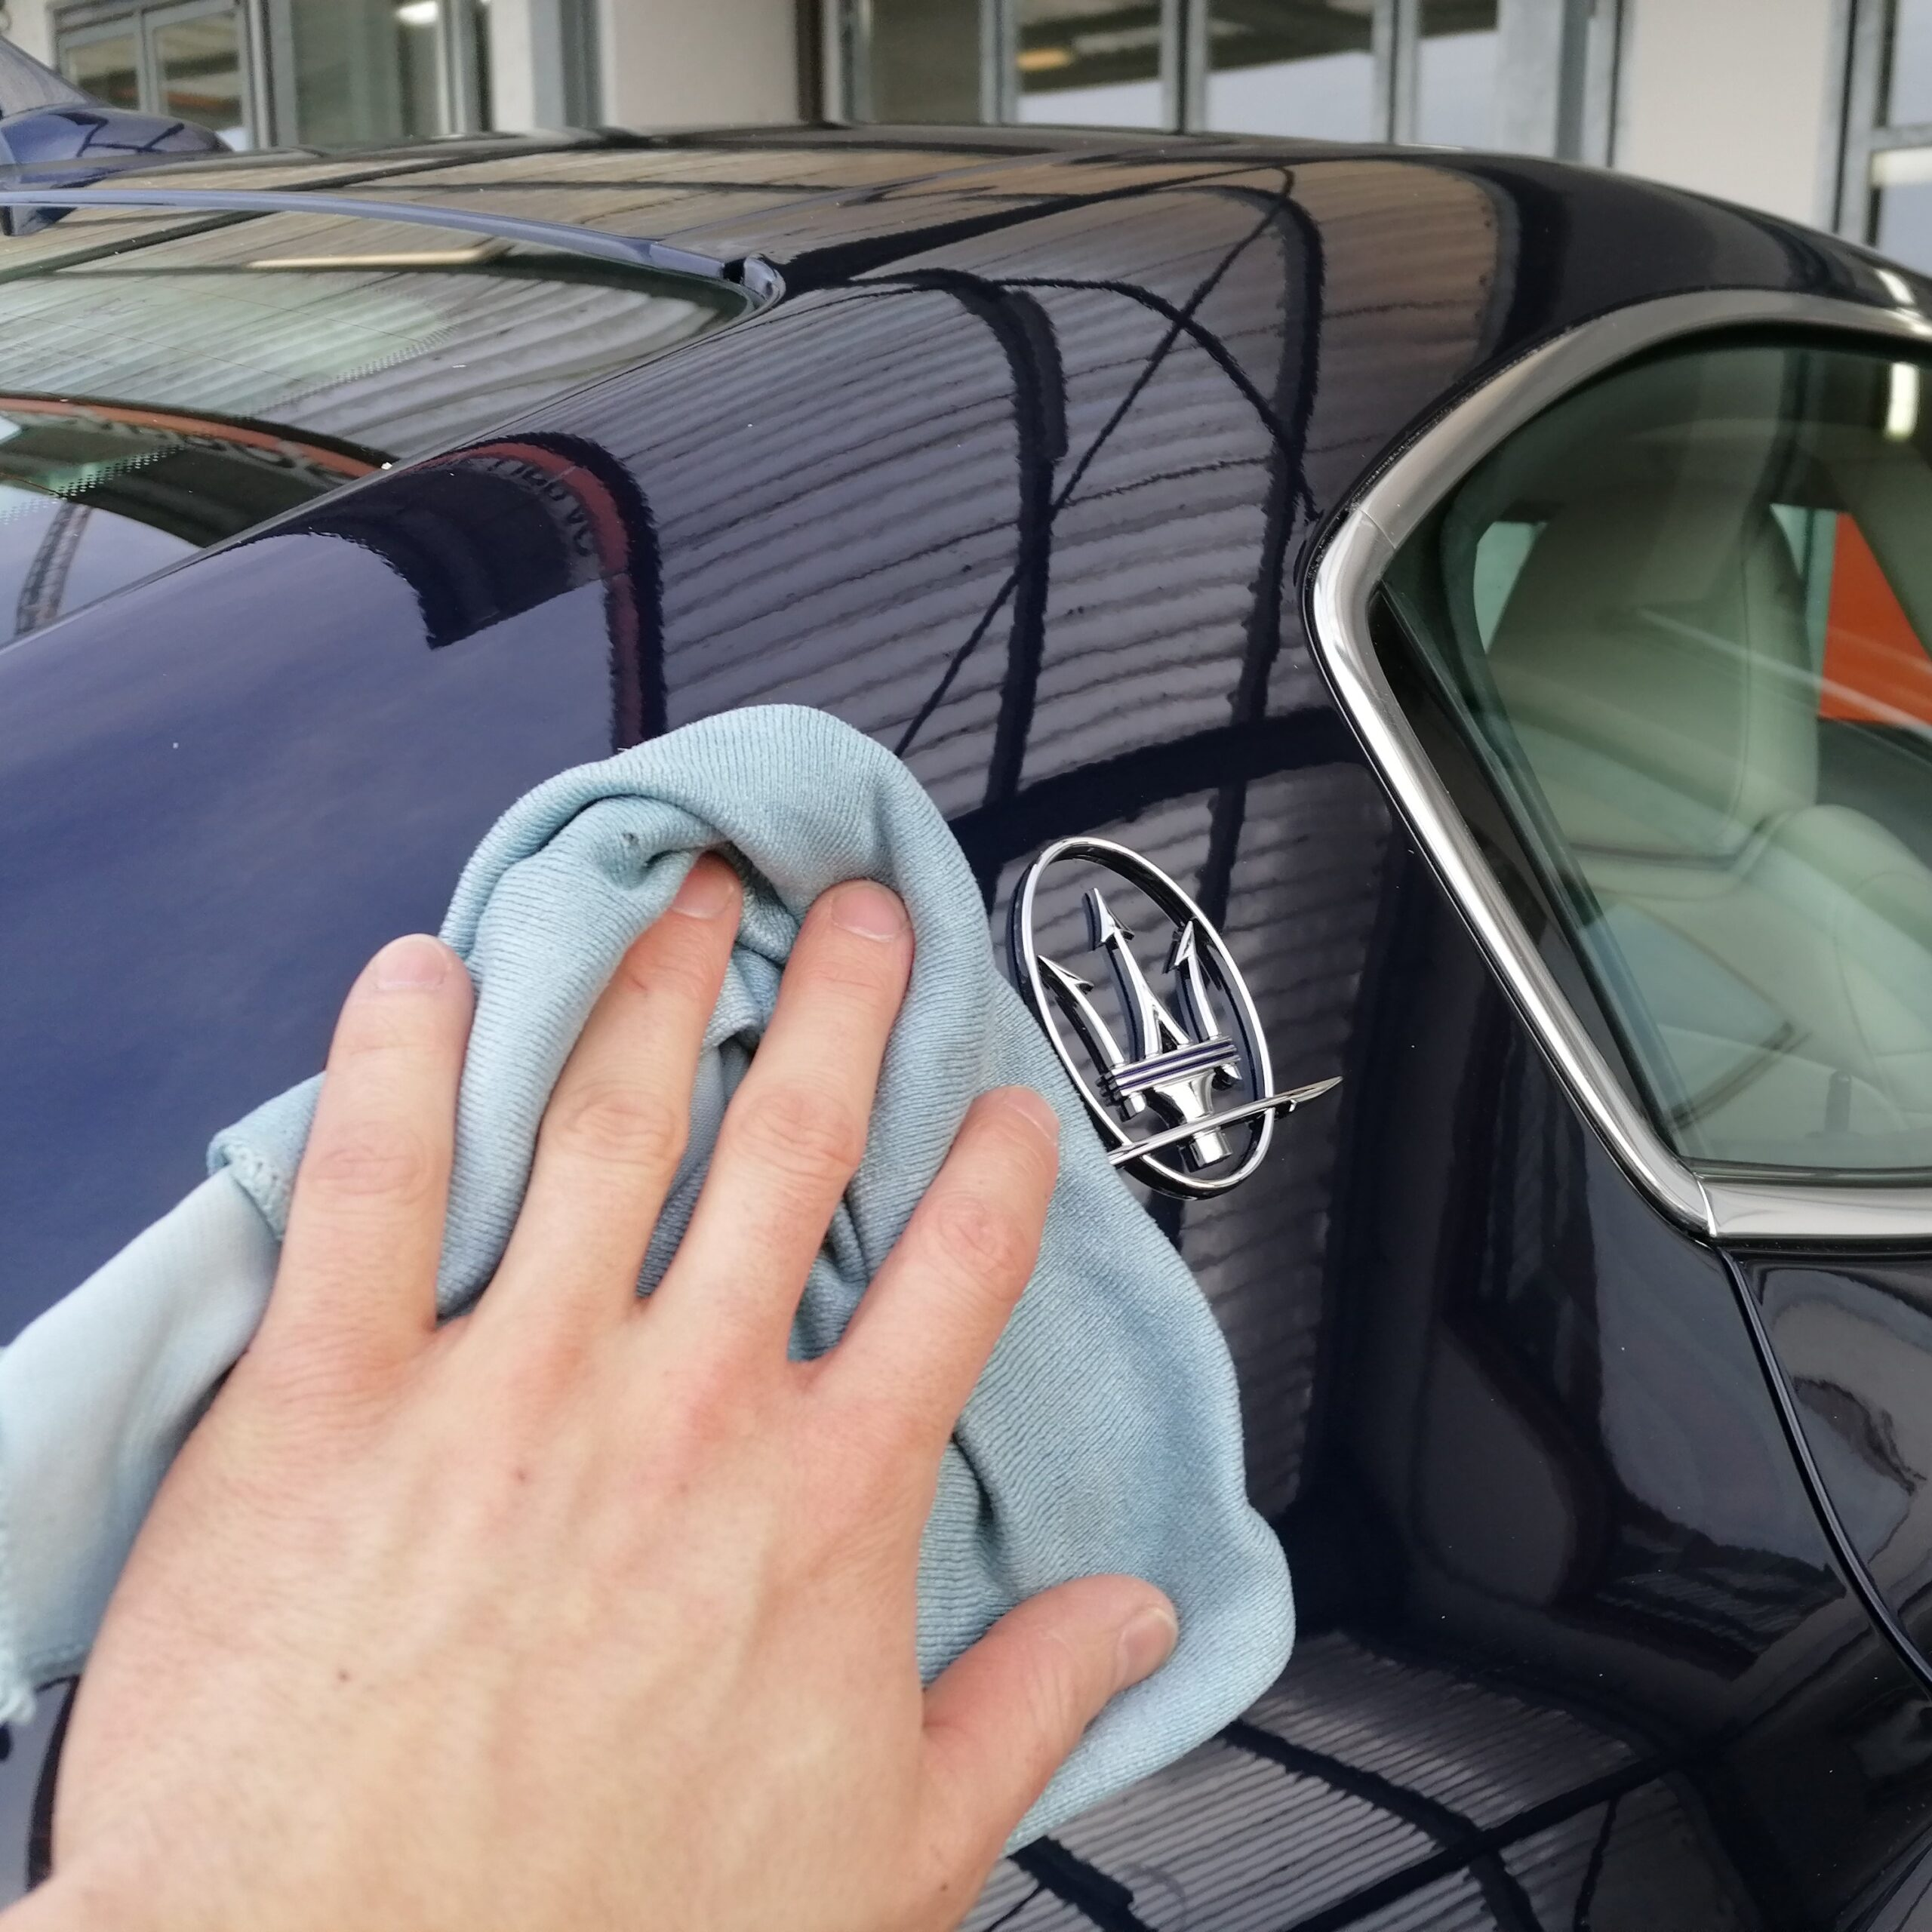 Durch Polieren lassen wir dein Fahrzeug in neuem Glanz erstrahlen.